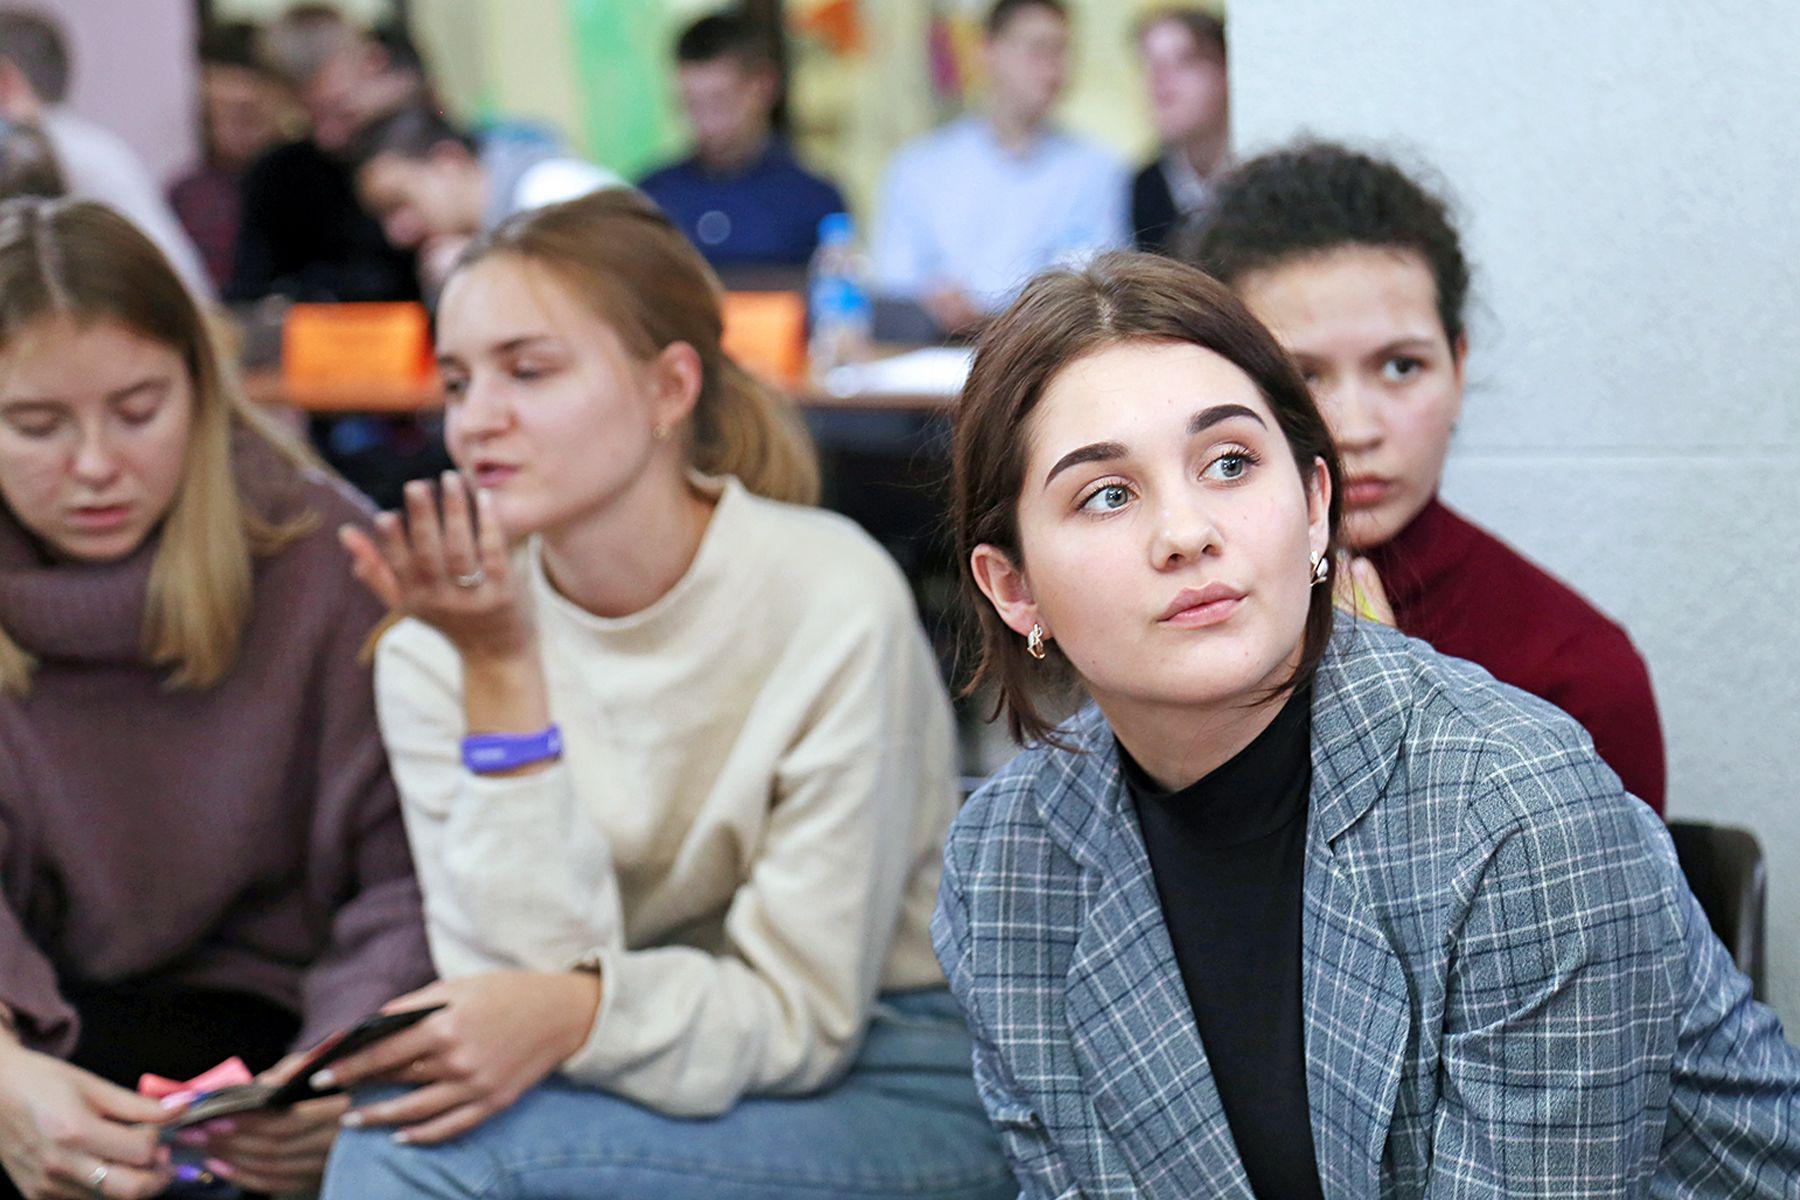 Студенты Института права ВГУЭС отметили День Конституции деловой игрой «Правовая лаборатория»